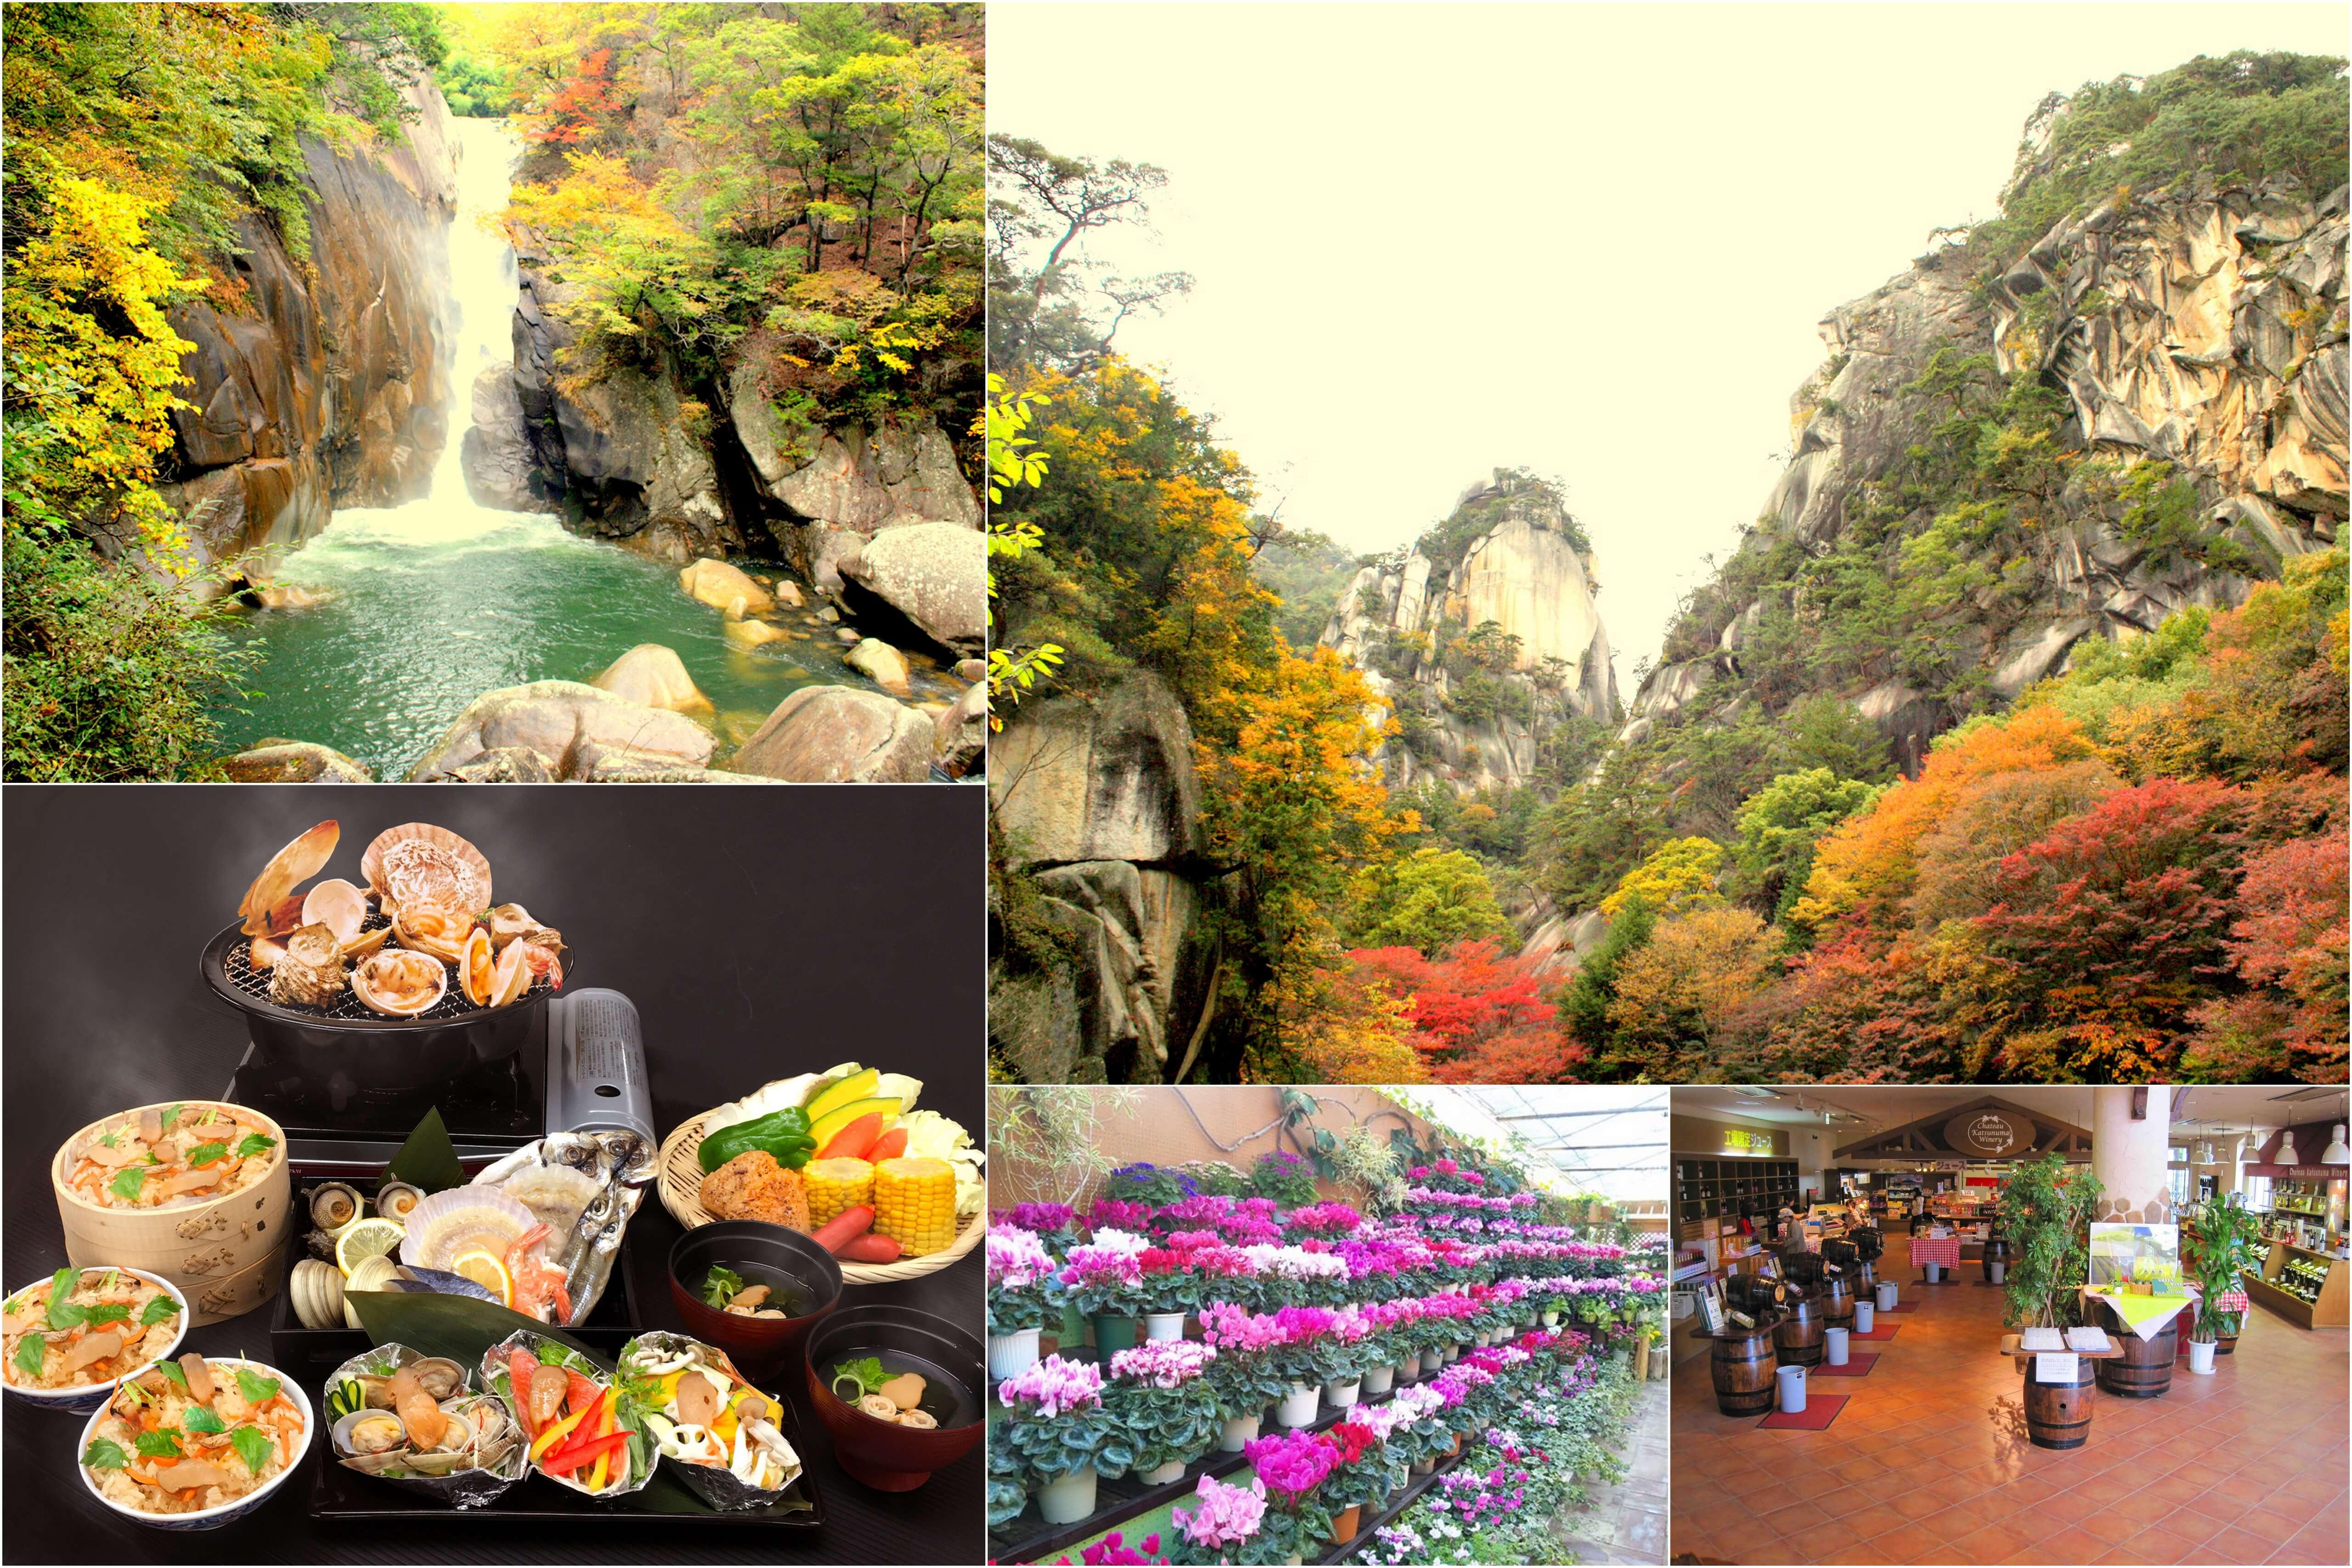 秋色に染まる渓谷「昇仙峡」散策と秋の味覚松茸料理&海鮮浜焼き食べ放題満腹ランチ♪